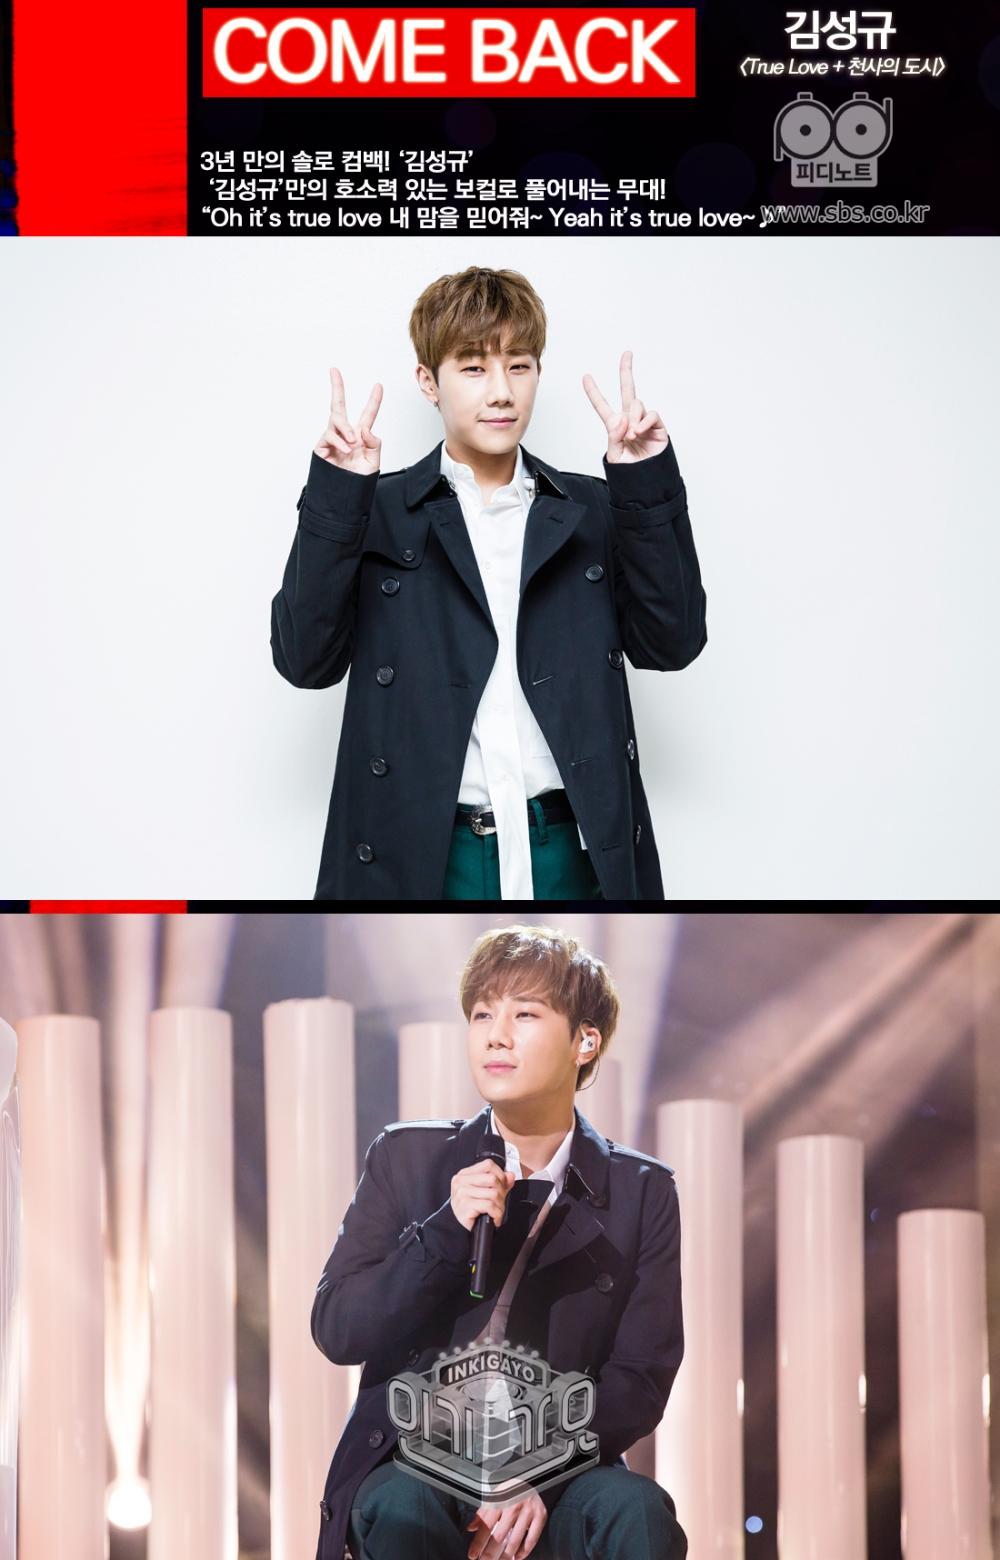 인피니트의 멤버 김성규가 솔로 컴백했다.